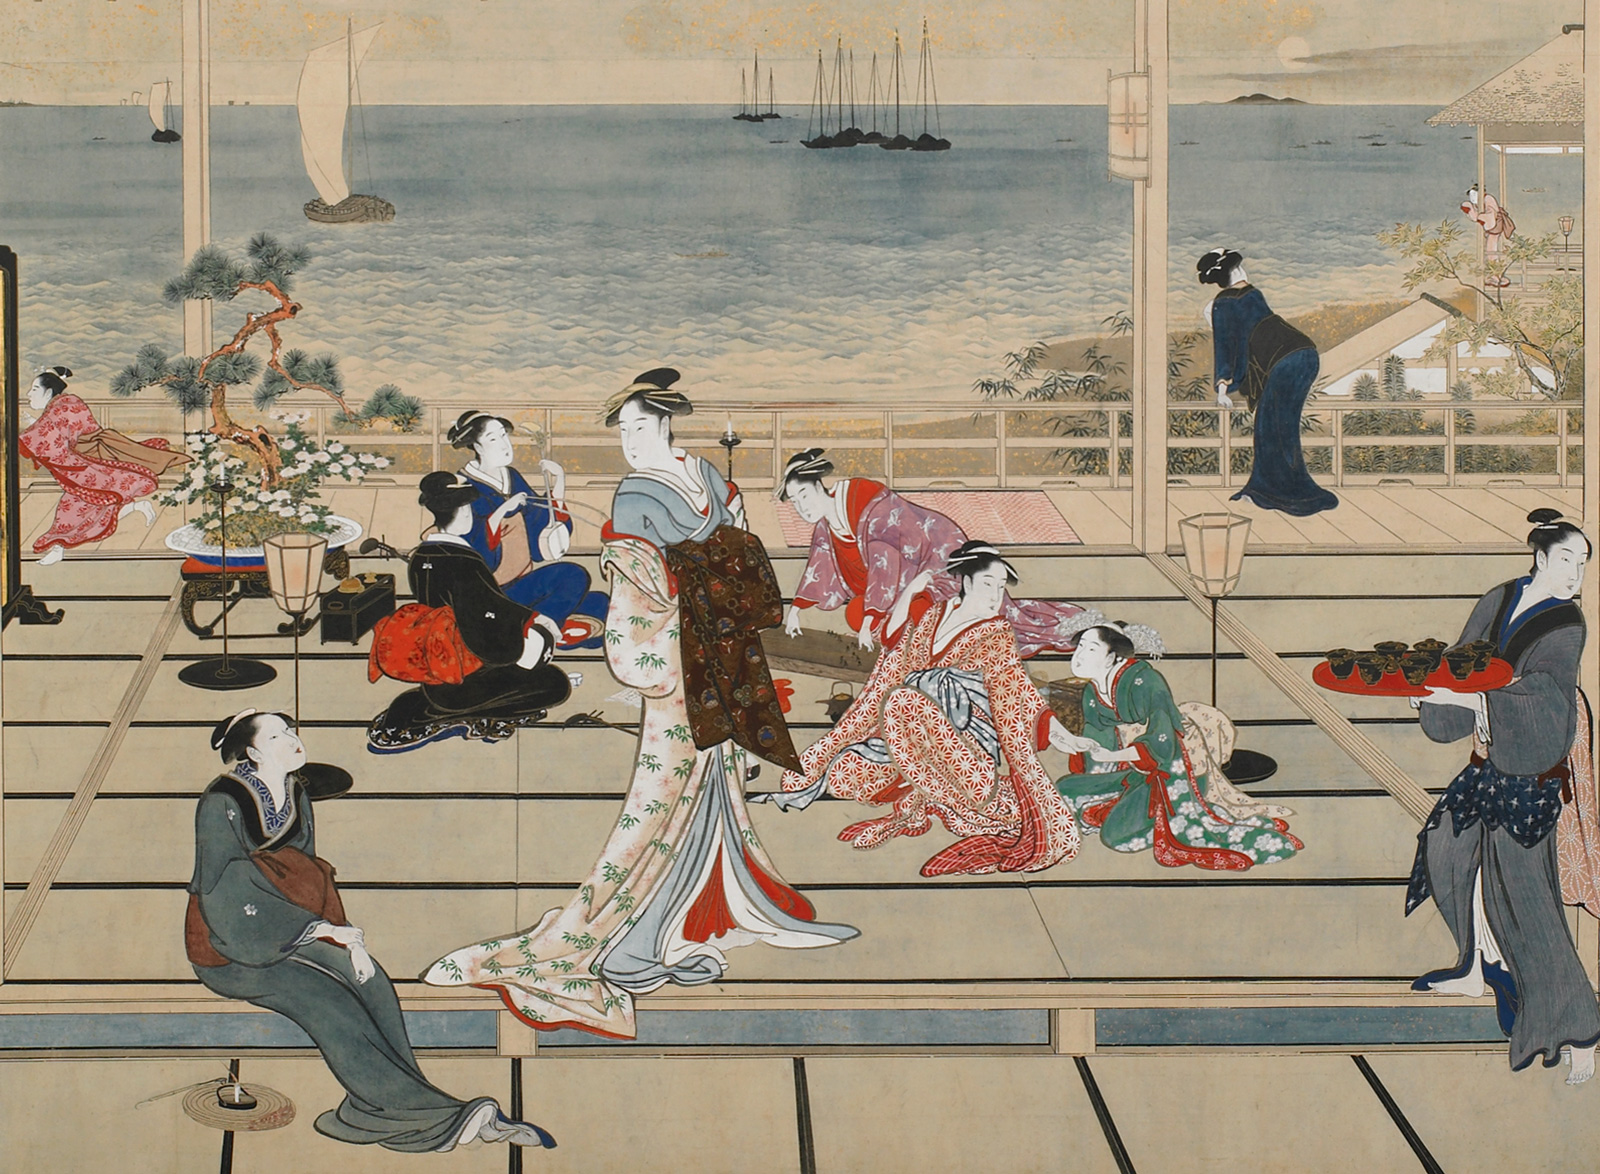 Utamaro: Moon at Shinagawa (detail), 1788-1790